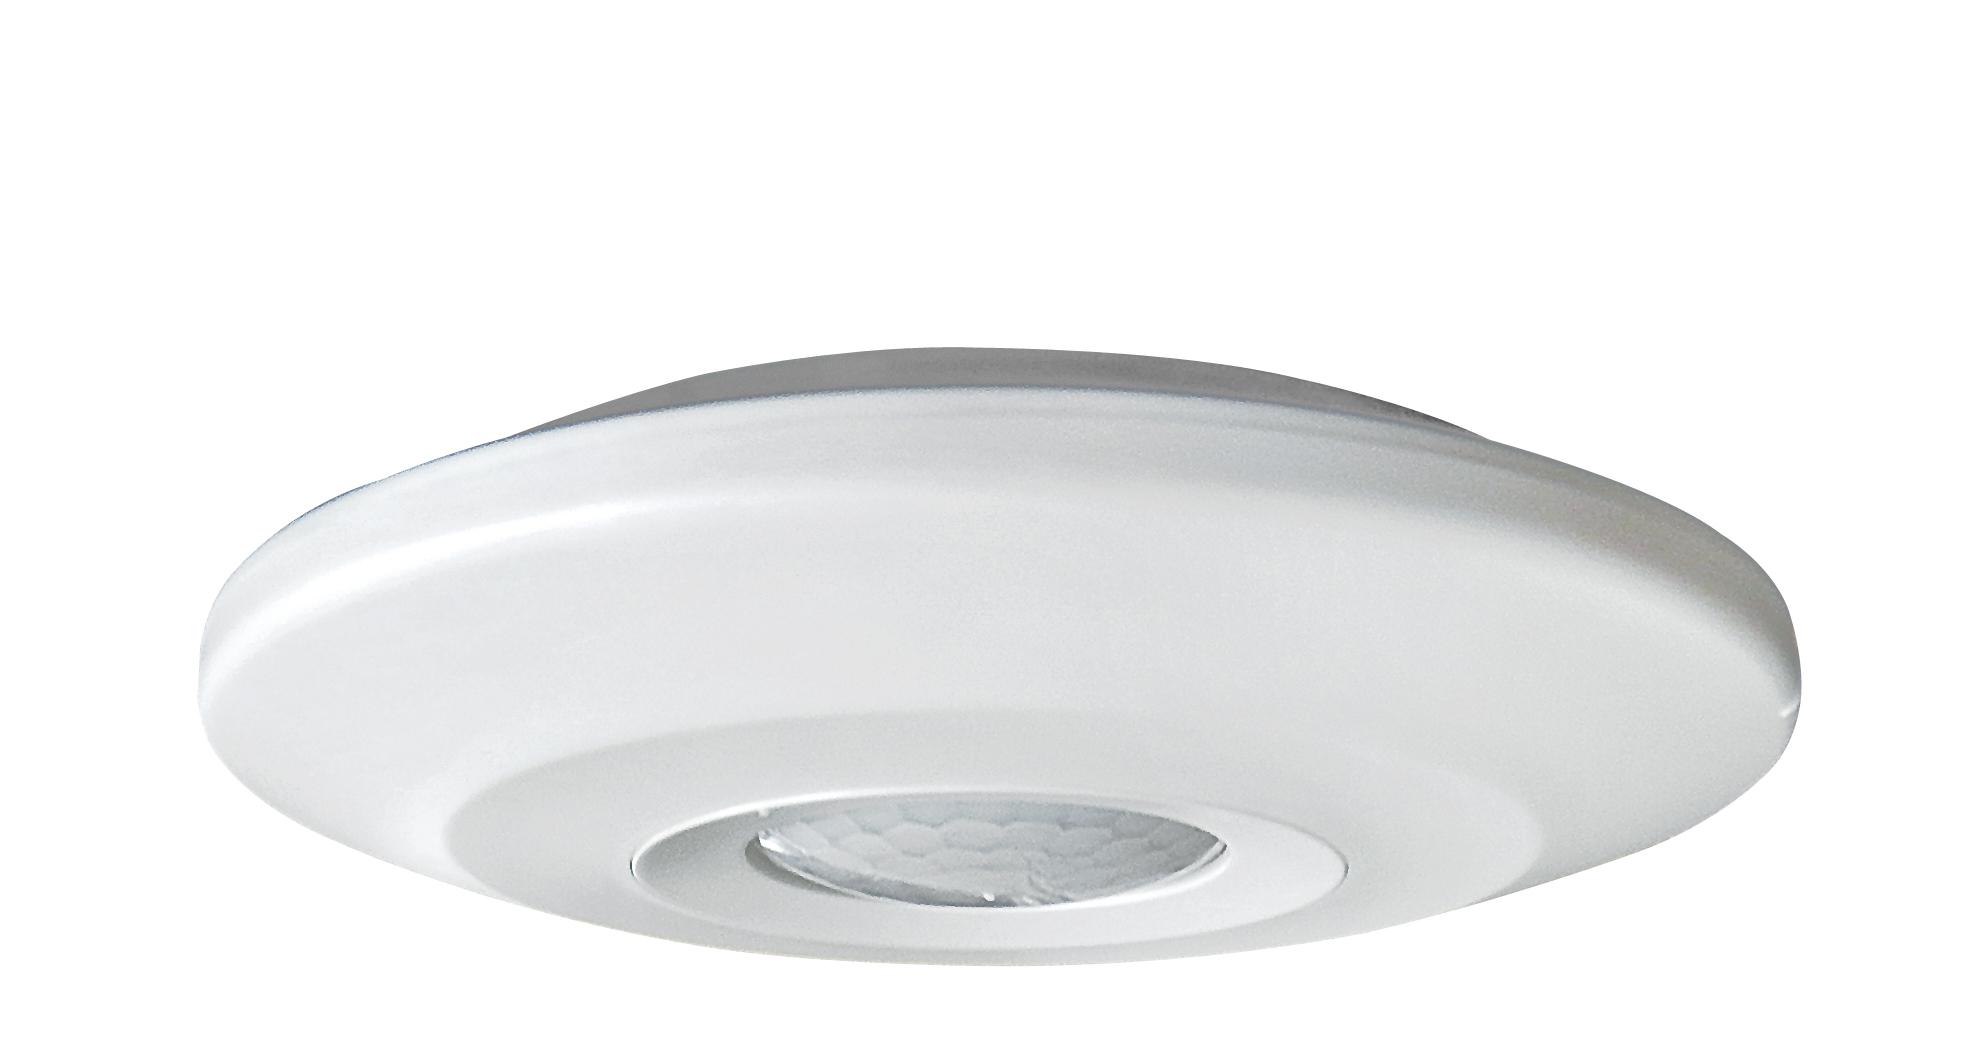 Controllare l'illuminazione senza interruttori con Voicedect di Arteleta